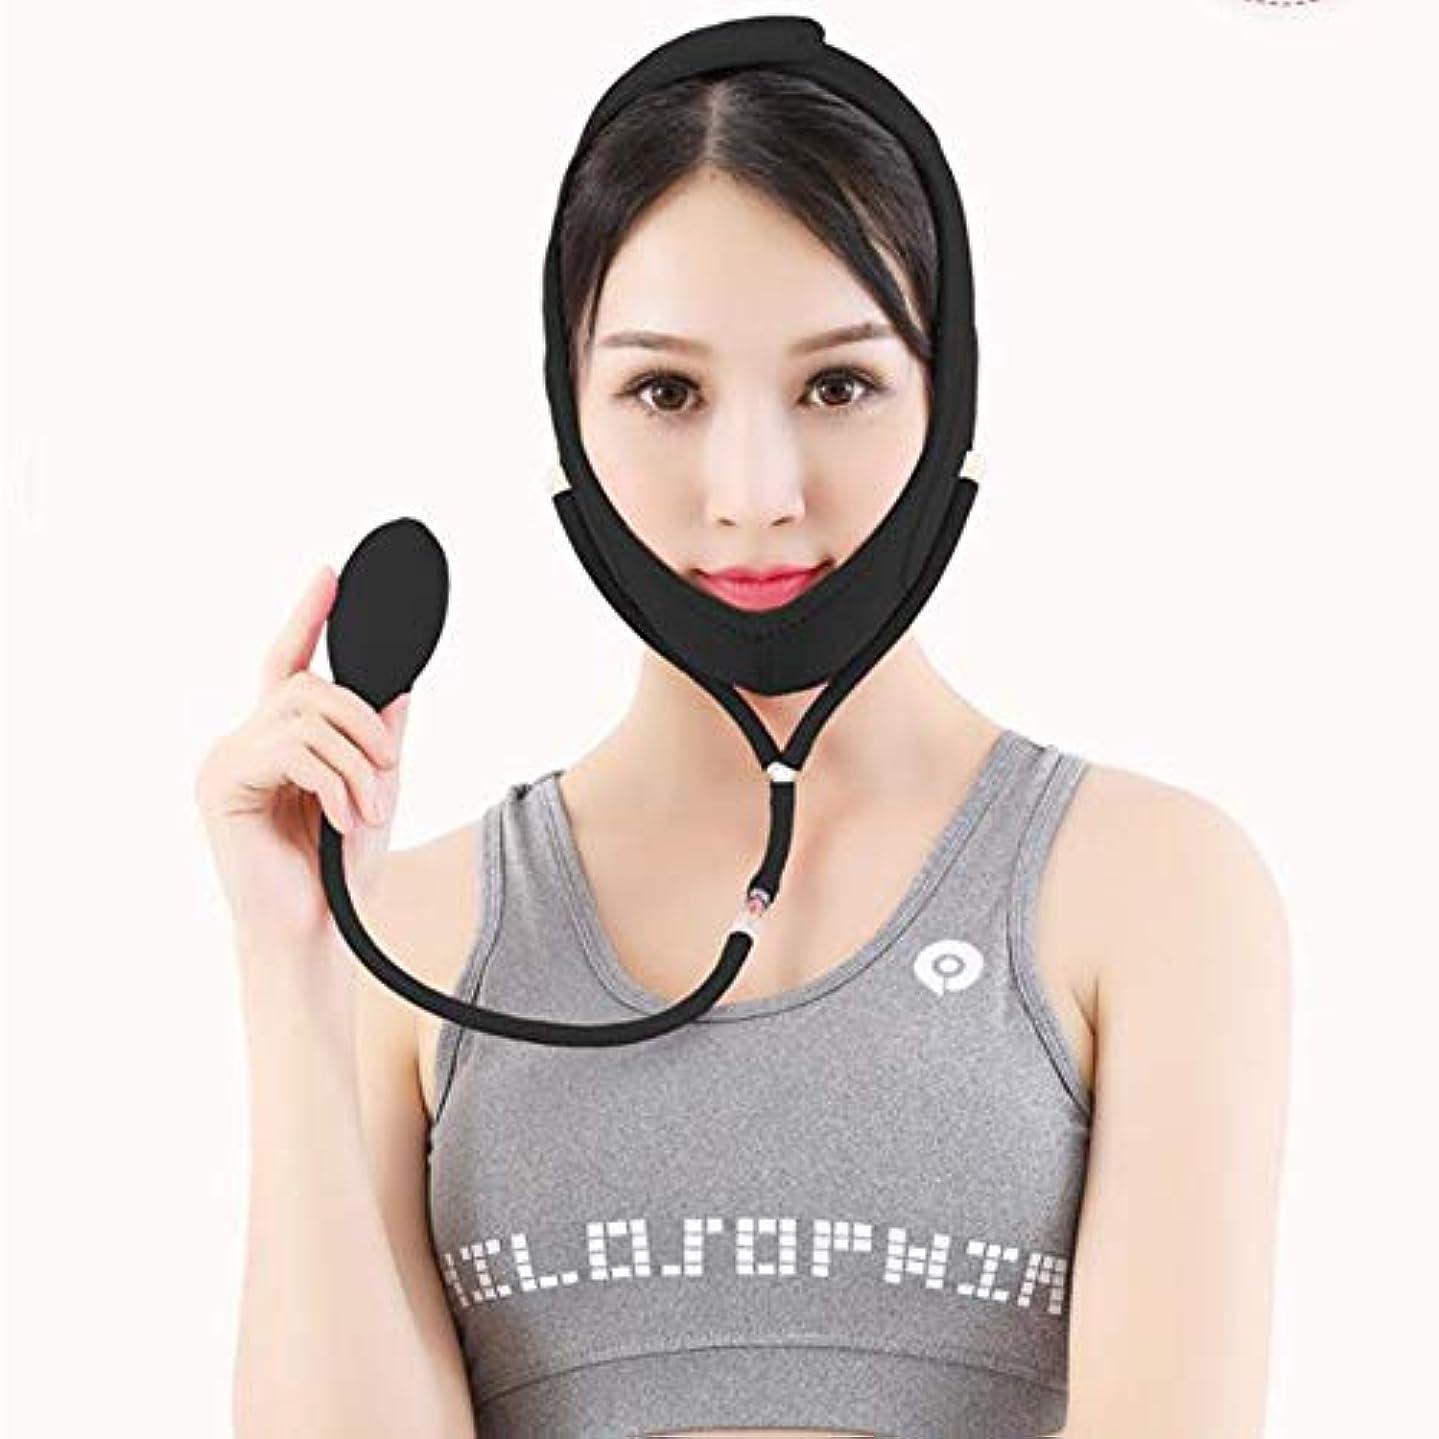 リーン勇者一致GYZ フェイシャルリフティング痩身ベルトダブルエアバッグ圧力調整フェイス包帯マスク整形マスクが顔を引き締める Thin Face Belt (Color : Black, Size : M)